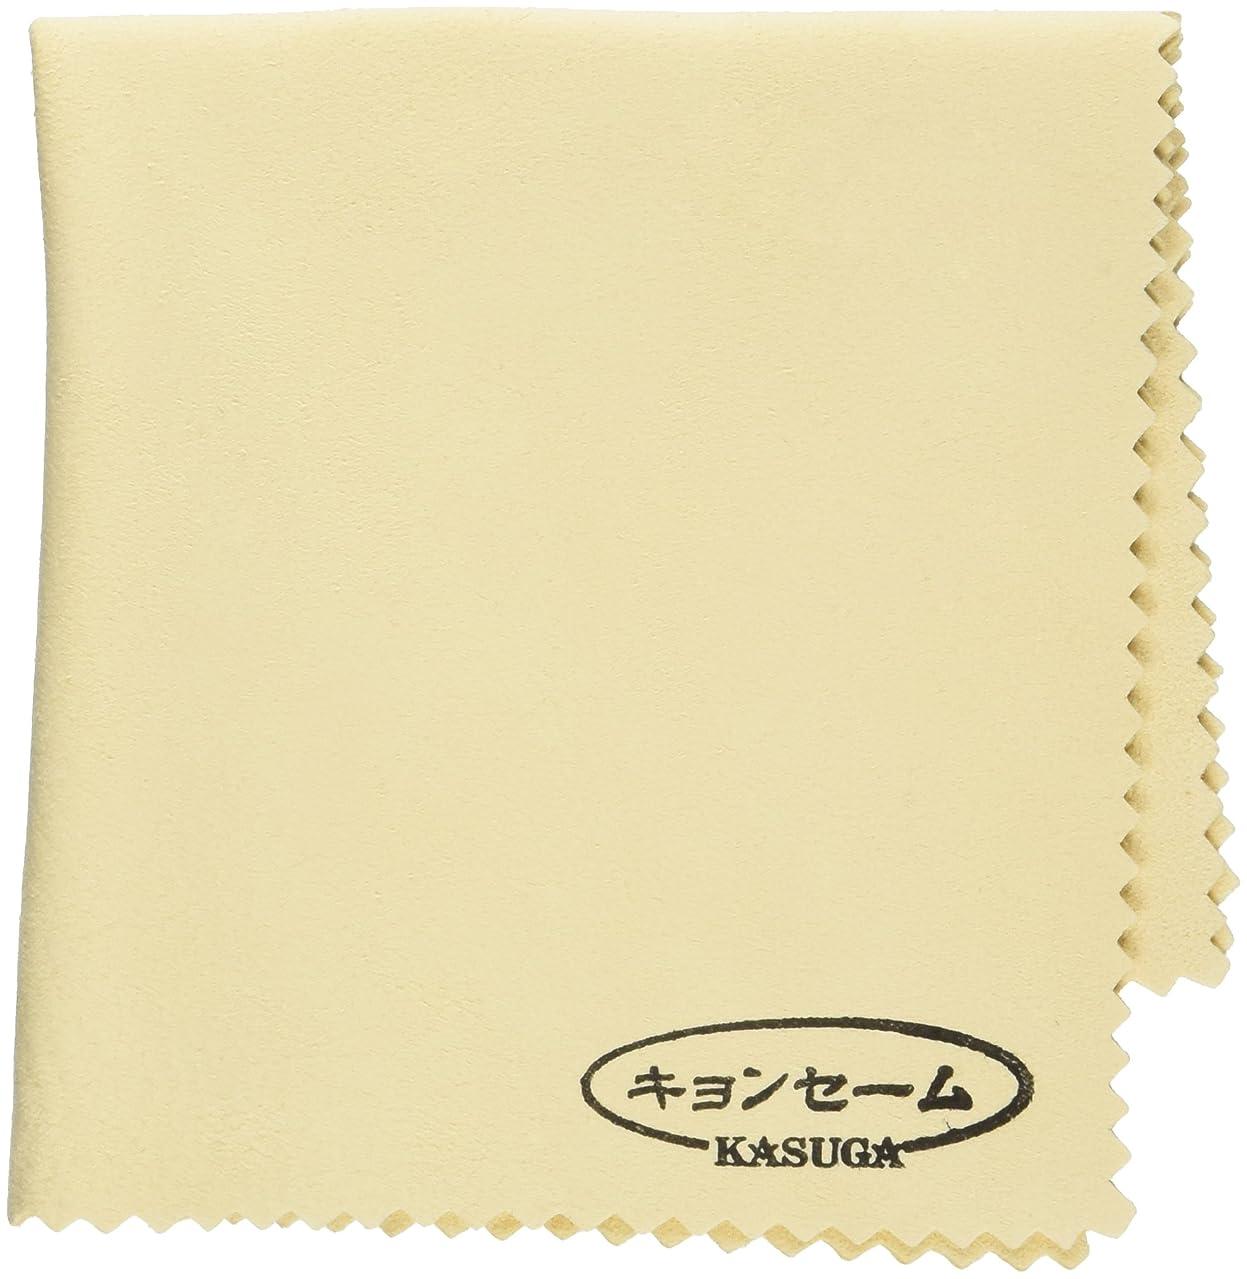 オーバーフローセットアップ保守可能春日 スキンケア用キョンセーム 20×20cm